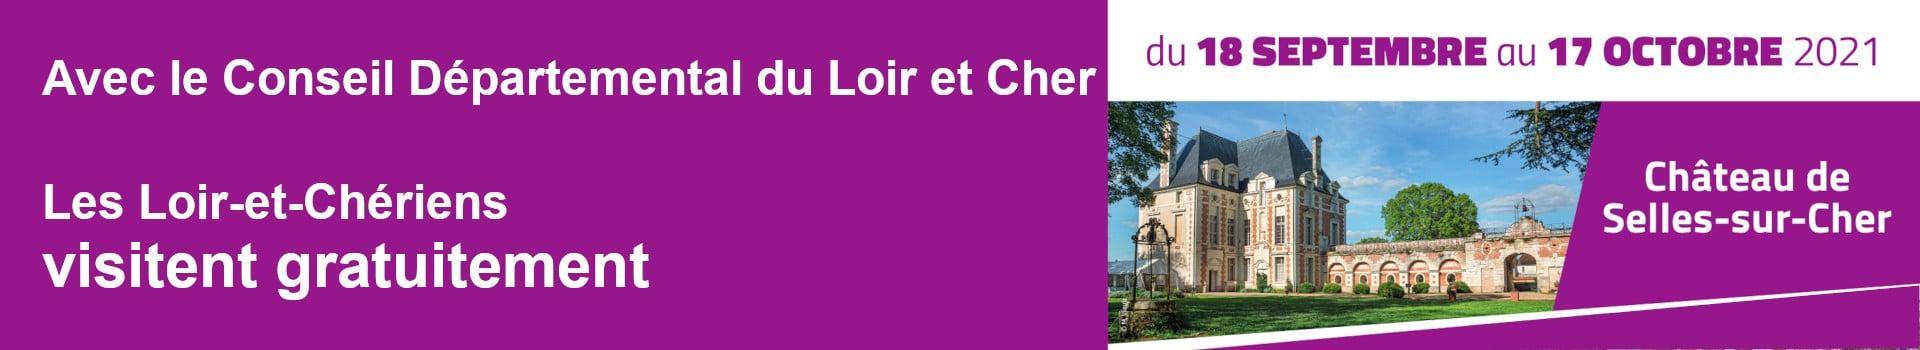 visitez gratuitement le château de Selles sur Cher avec le Conseil Départemental du Loir et Cher